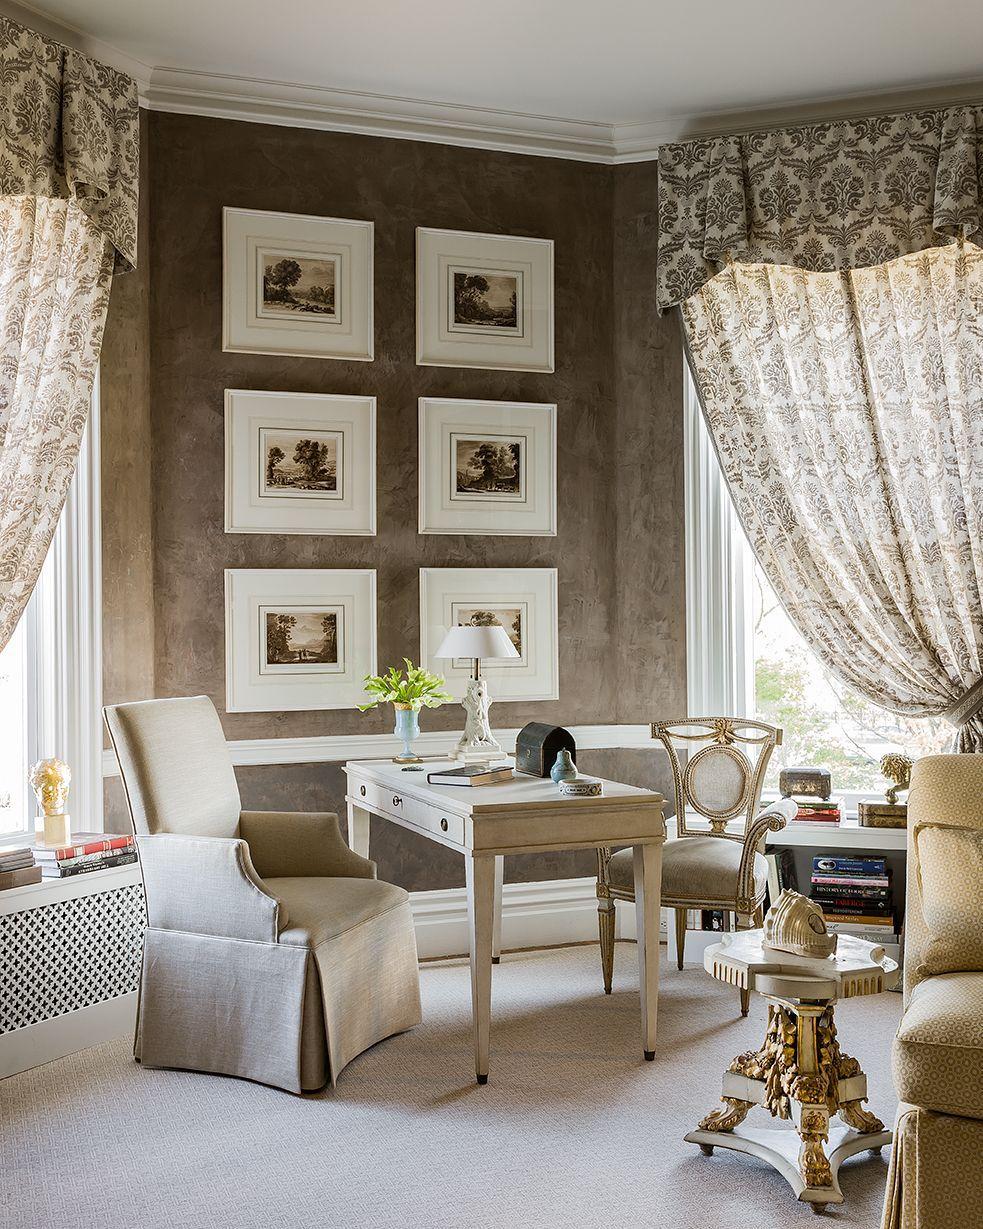 Boston Interior designs for Study rooms FD